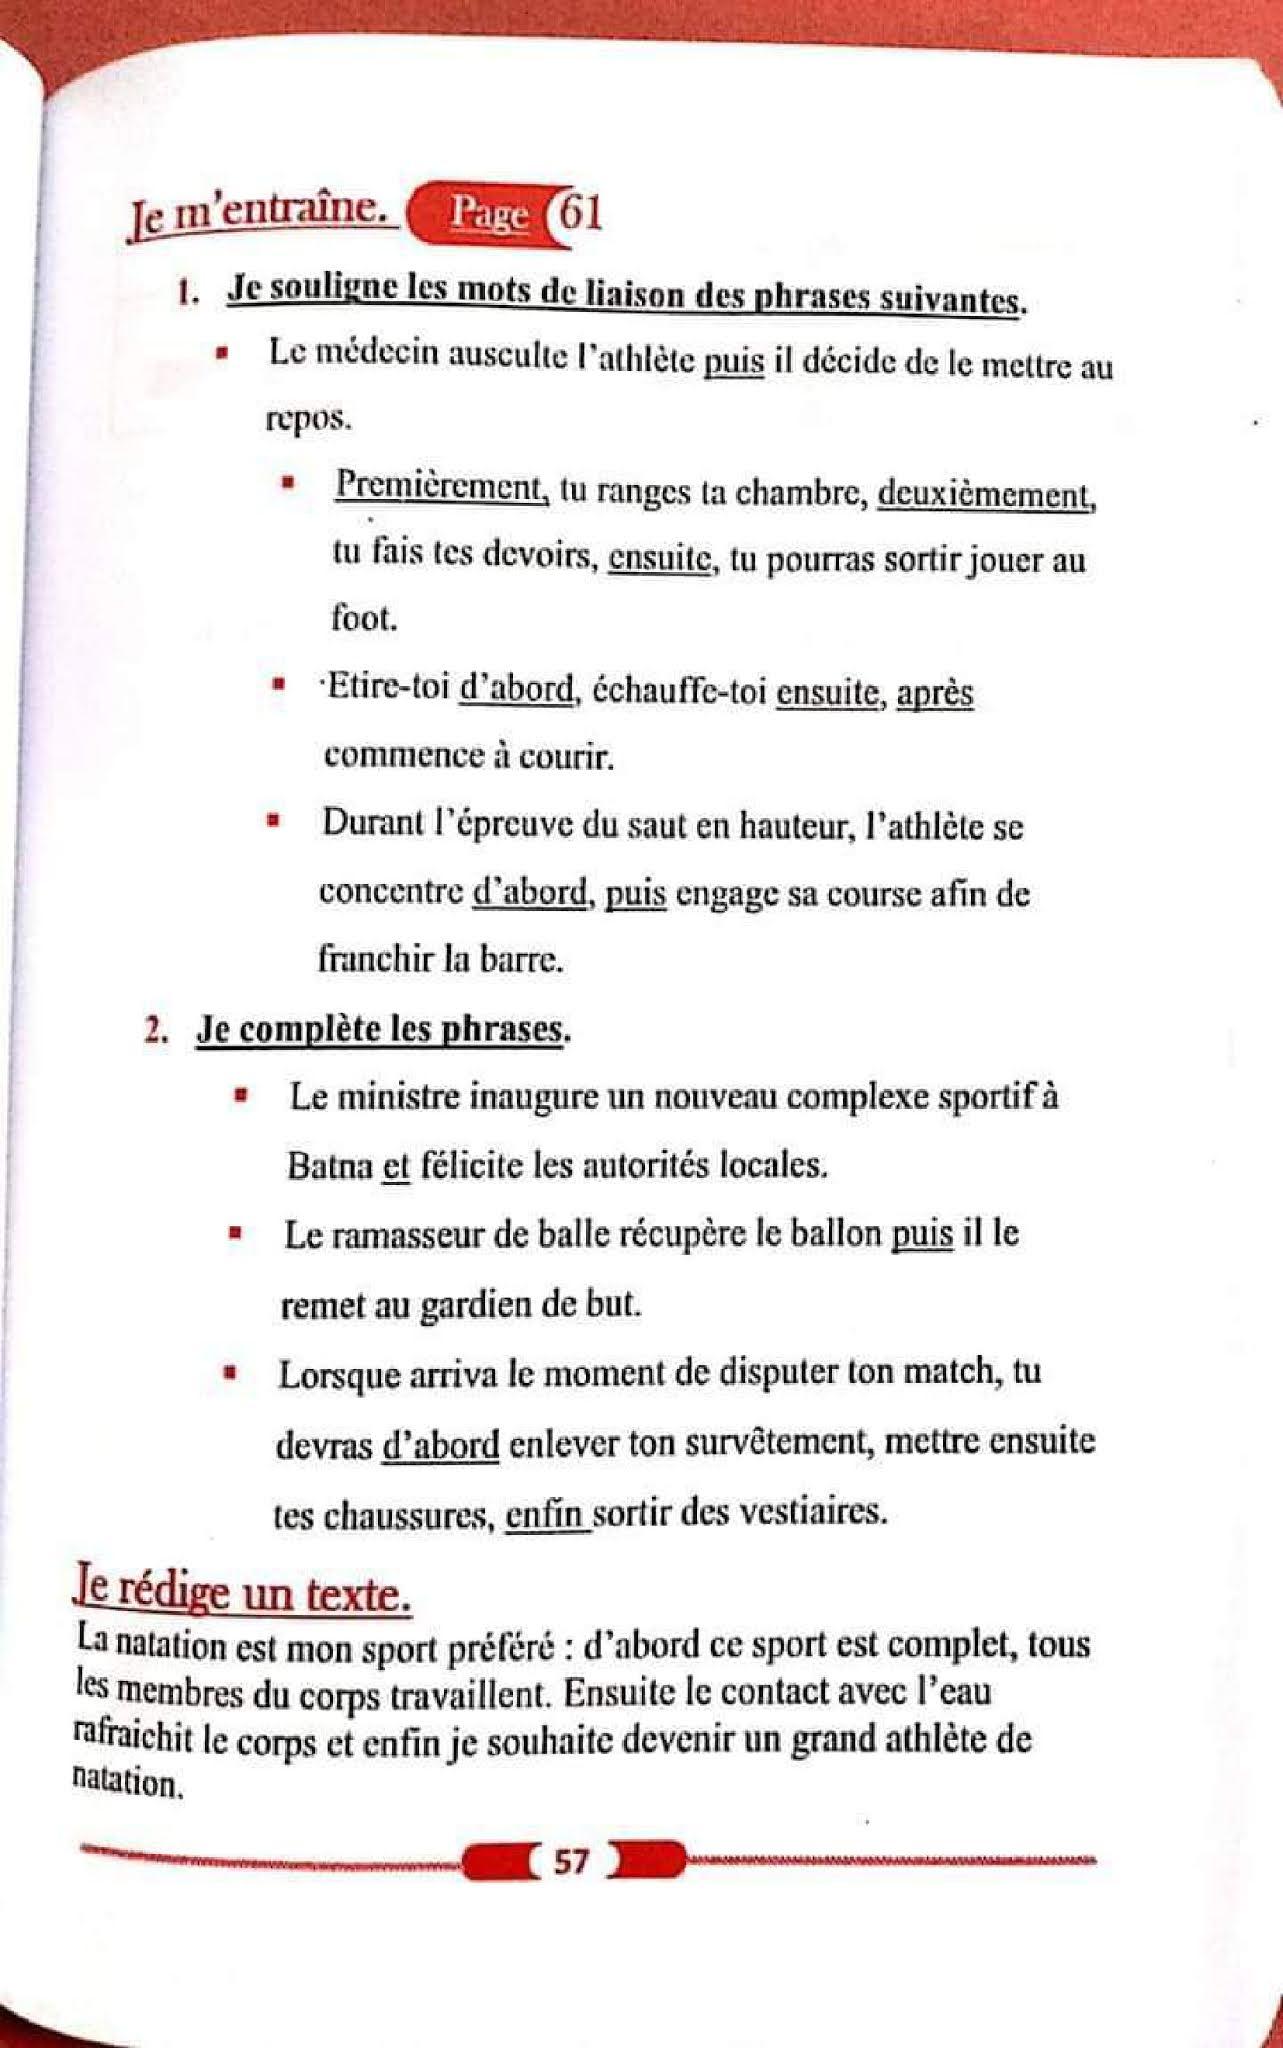 حل تمارين صفحة 61 الفرنسية 1 متوسط الجيل الثاني